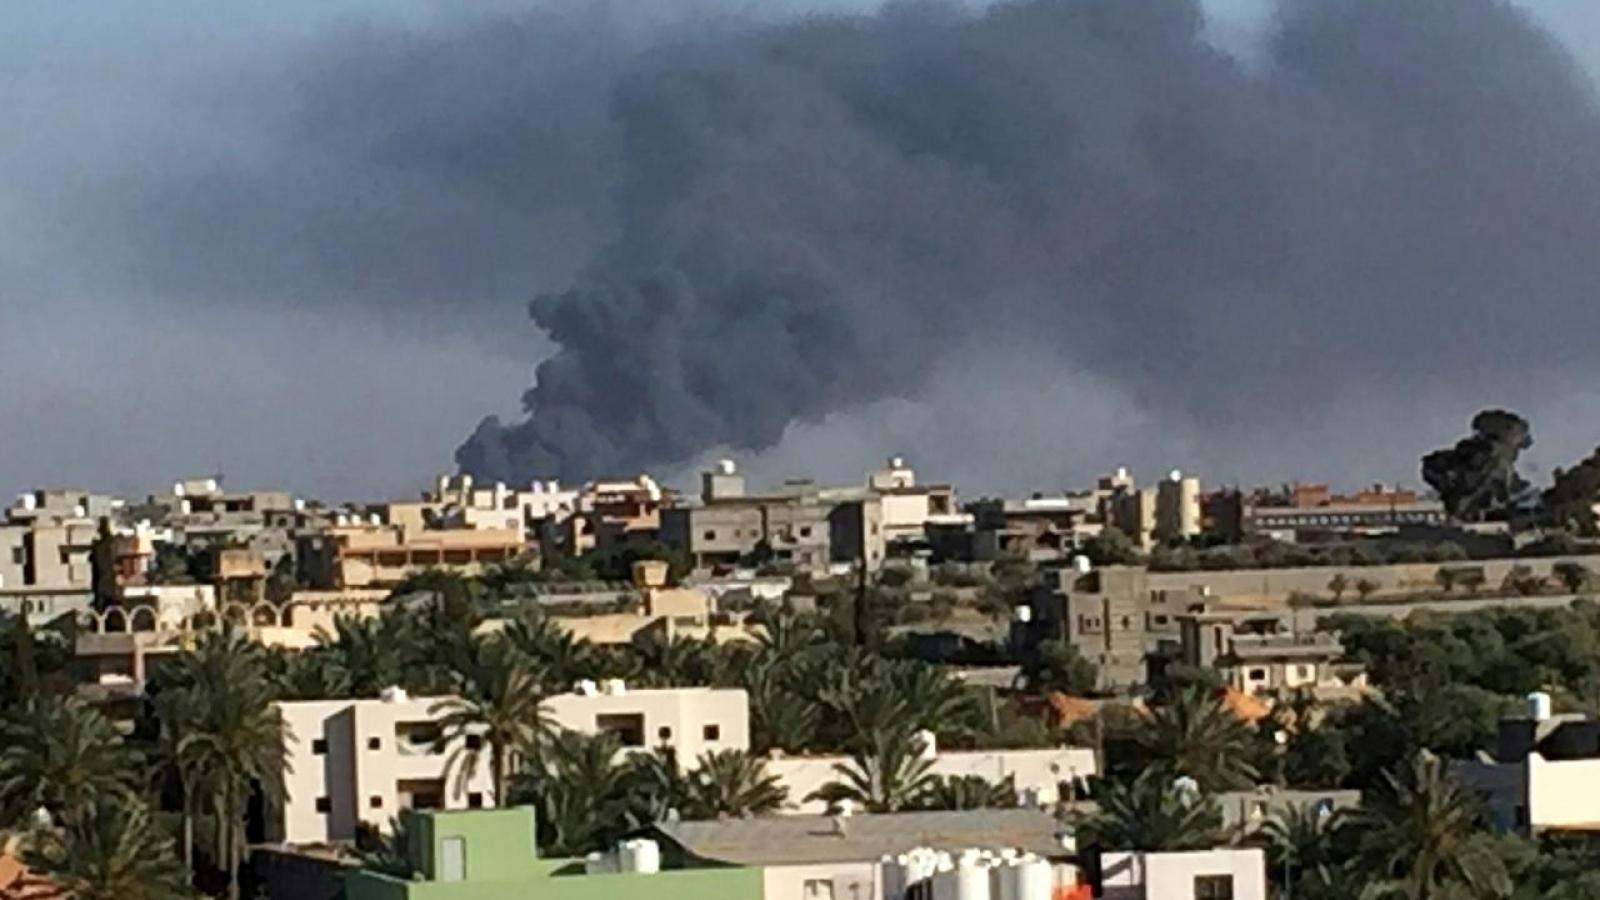 Liên Hợp Quốc ra nghị quyết điều tra về tình trạng bạo lực tại Libya